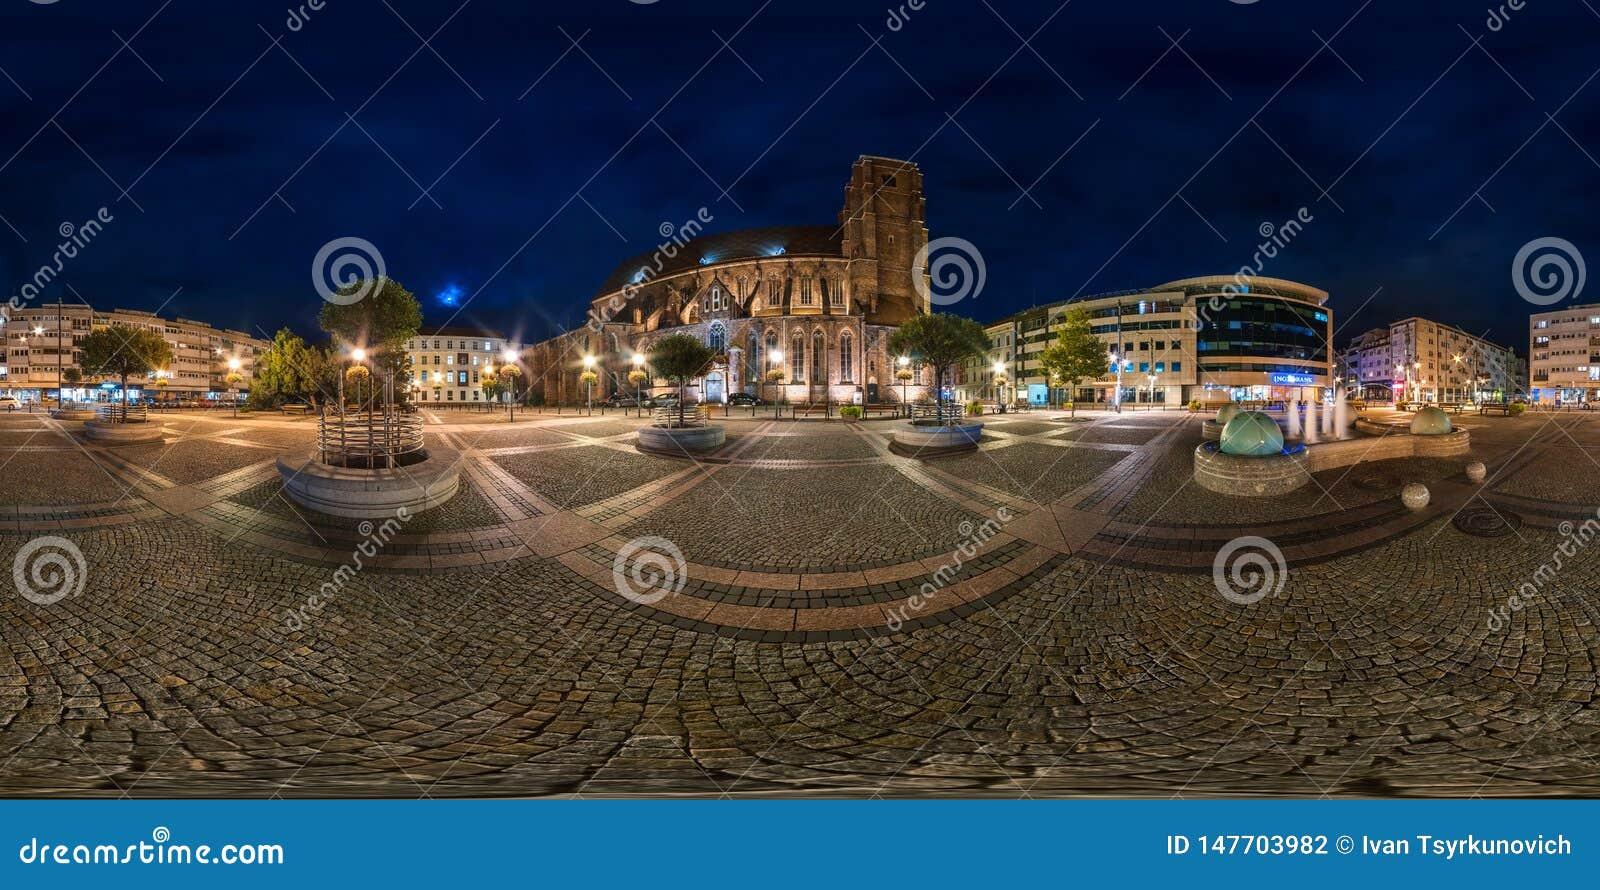 BRESLAU, POLEN - SEPTEMBER 2018: volles nahtloses kugelf?rmiges Nachtpanorama 360 Grad des Bezirkes Ostrow Tumski mit Helmen von